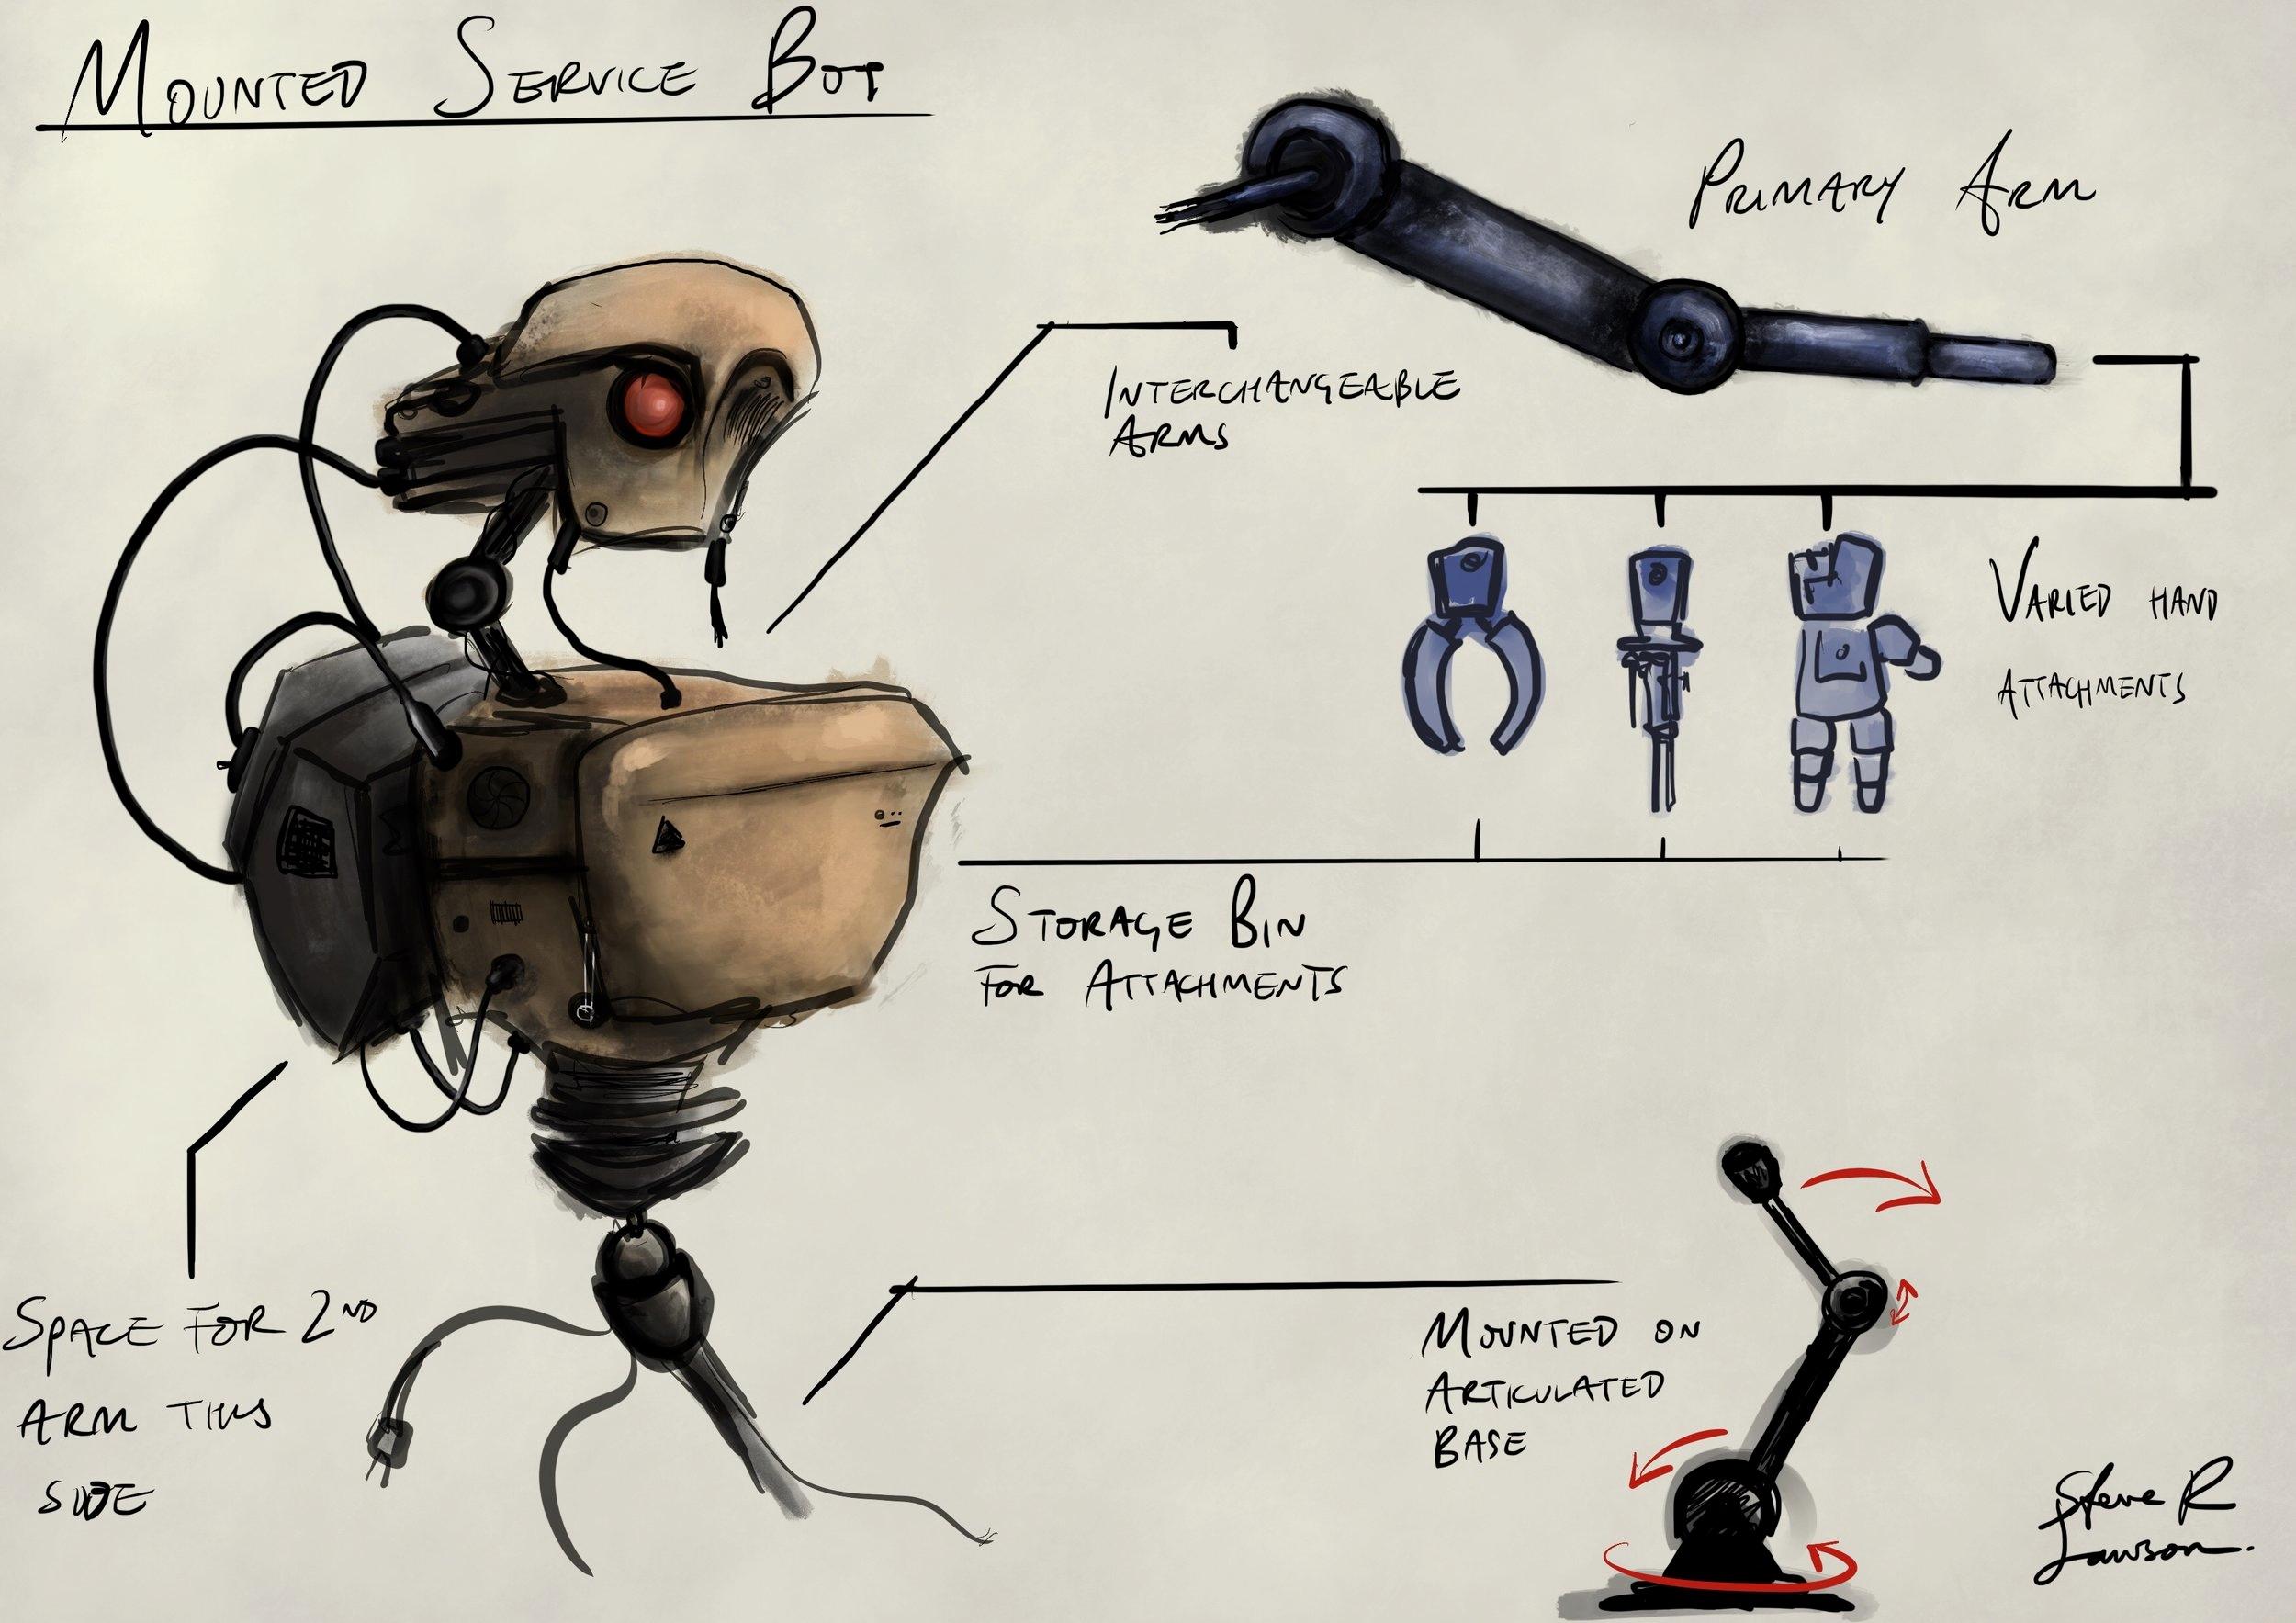 Mounted Service Bot